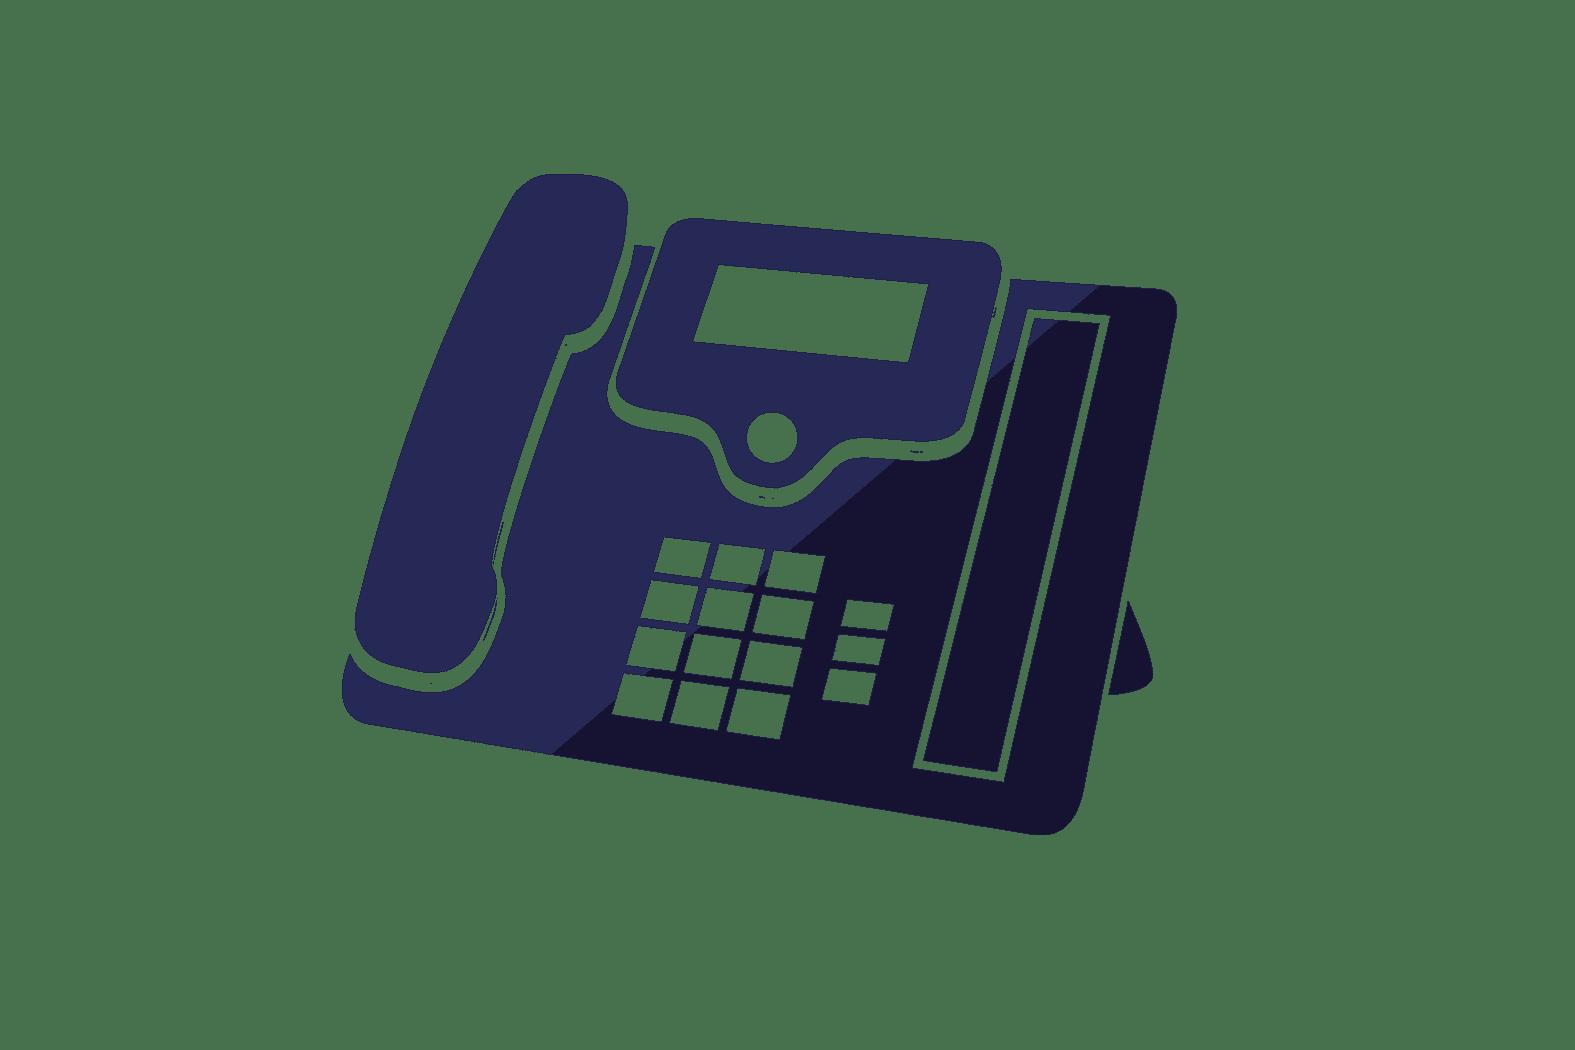 Telefonie en internet | Bedrijfsruimte huren | Crown Business Center